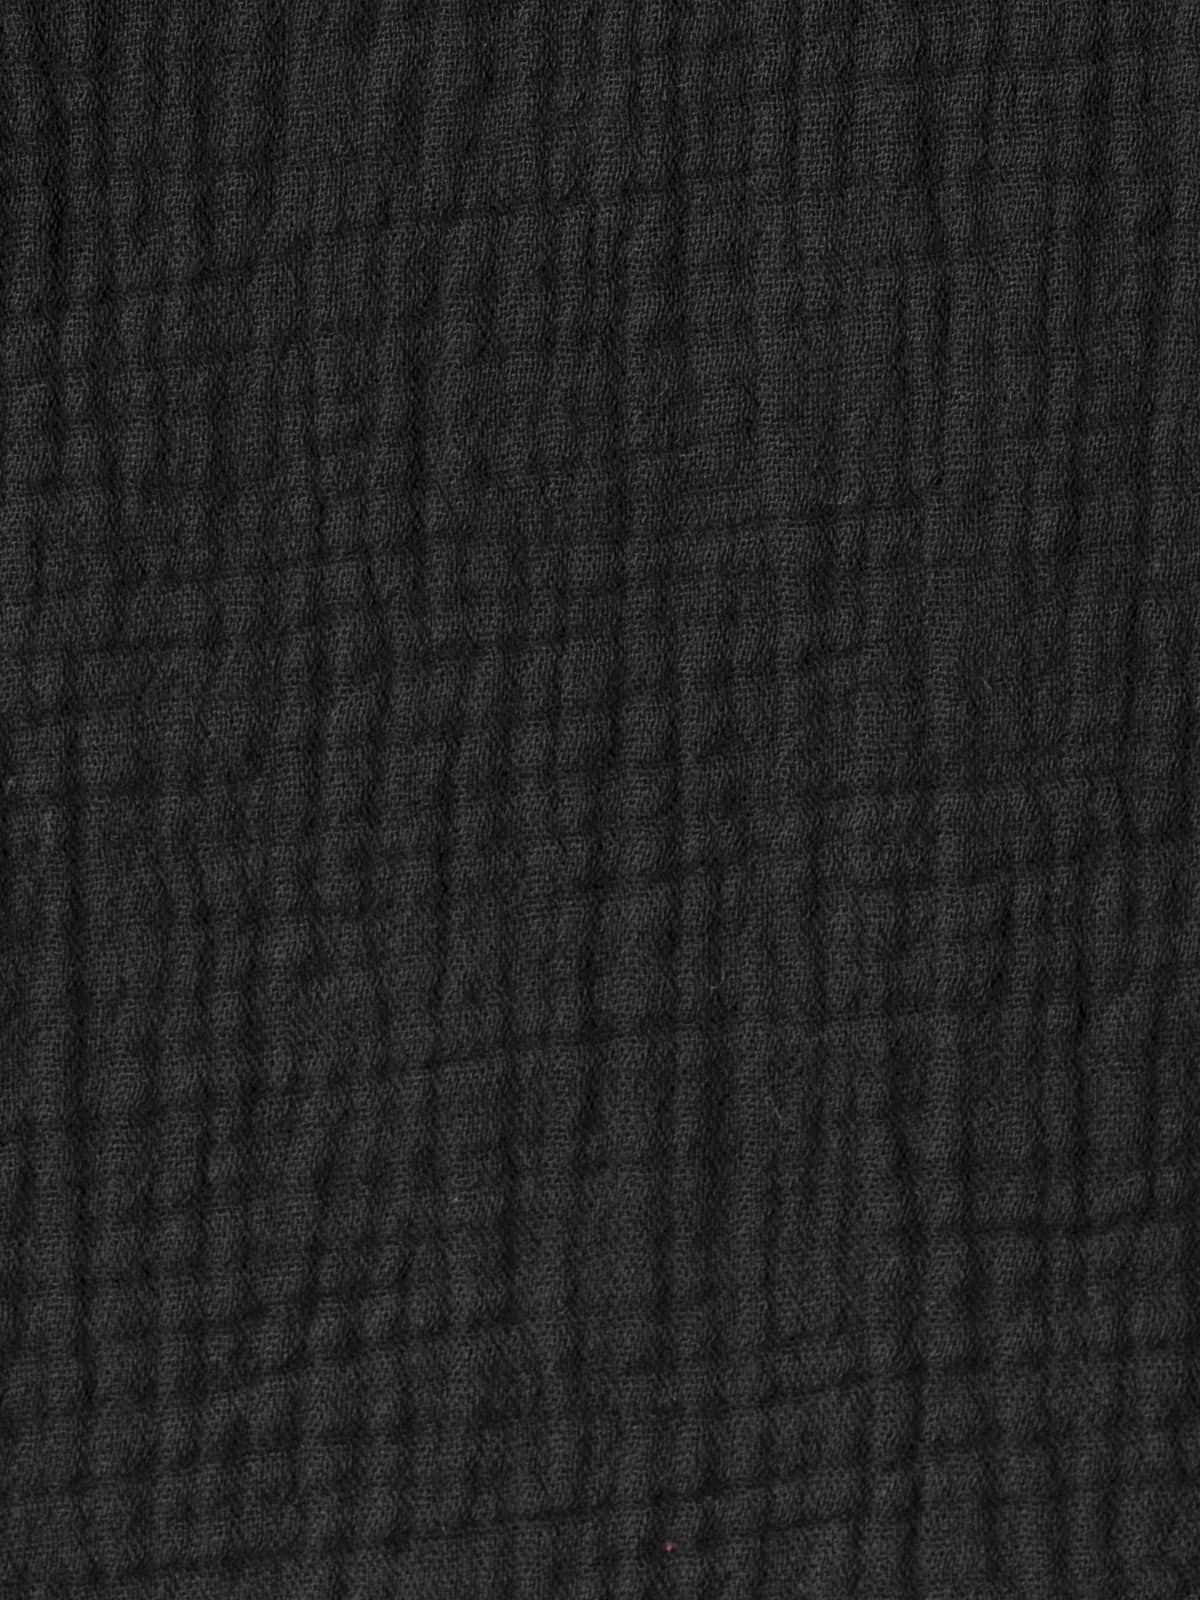 Top de algodón arrugado Negro